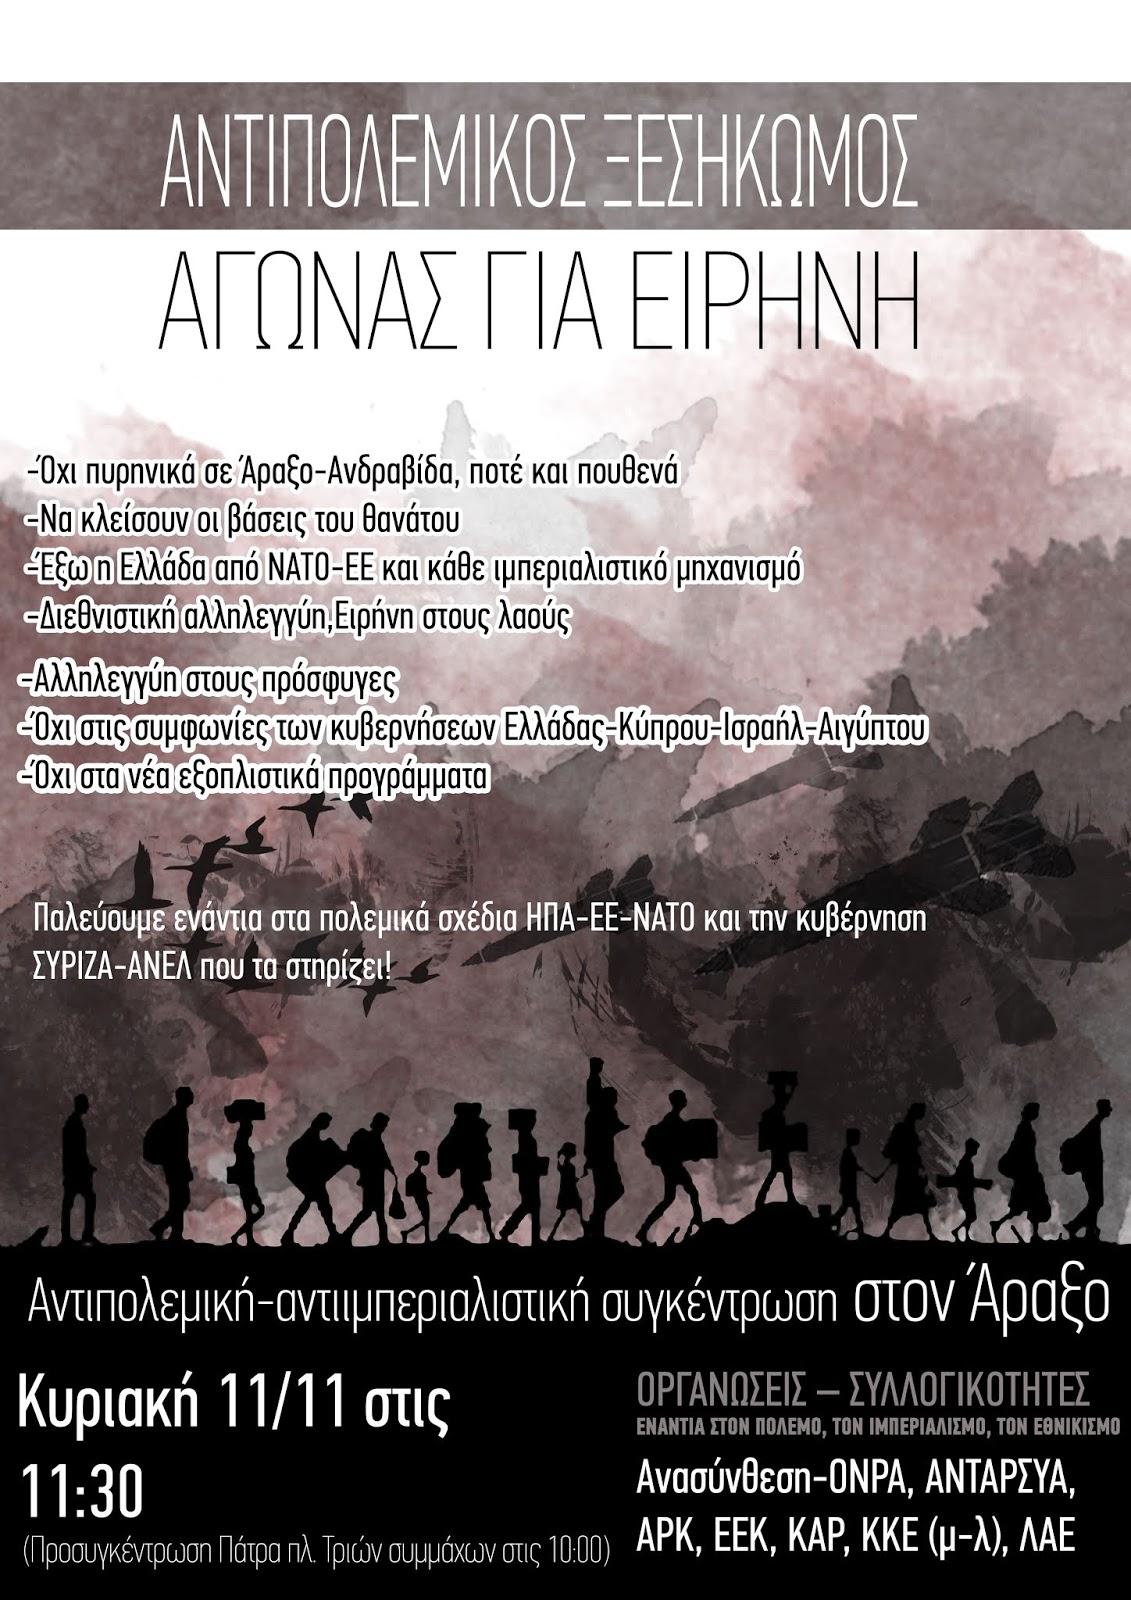 96826ad166a4 Κάλεσμα οργανώσεων της αντιιμπεριαλιστικής-αντιΕΕ-αντικαπιταλιστικής  αριστεράς σε αντιπολεμικές συγκεντρώσεις